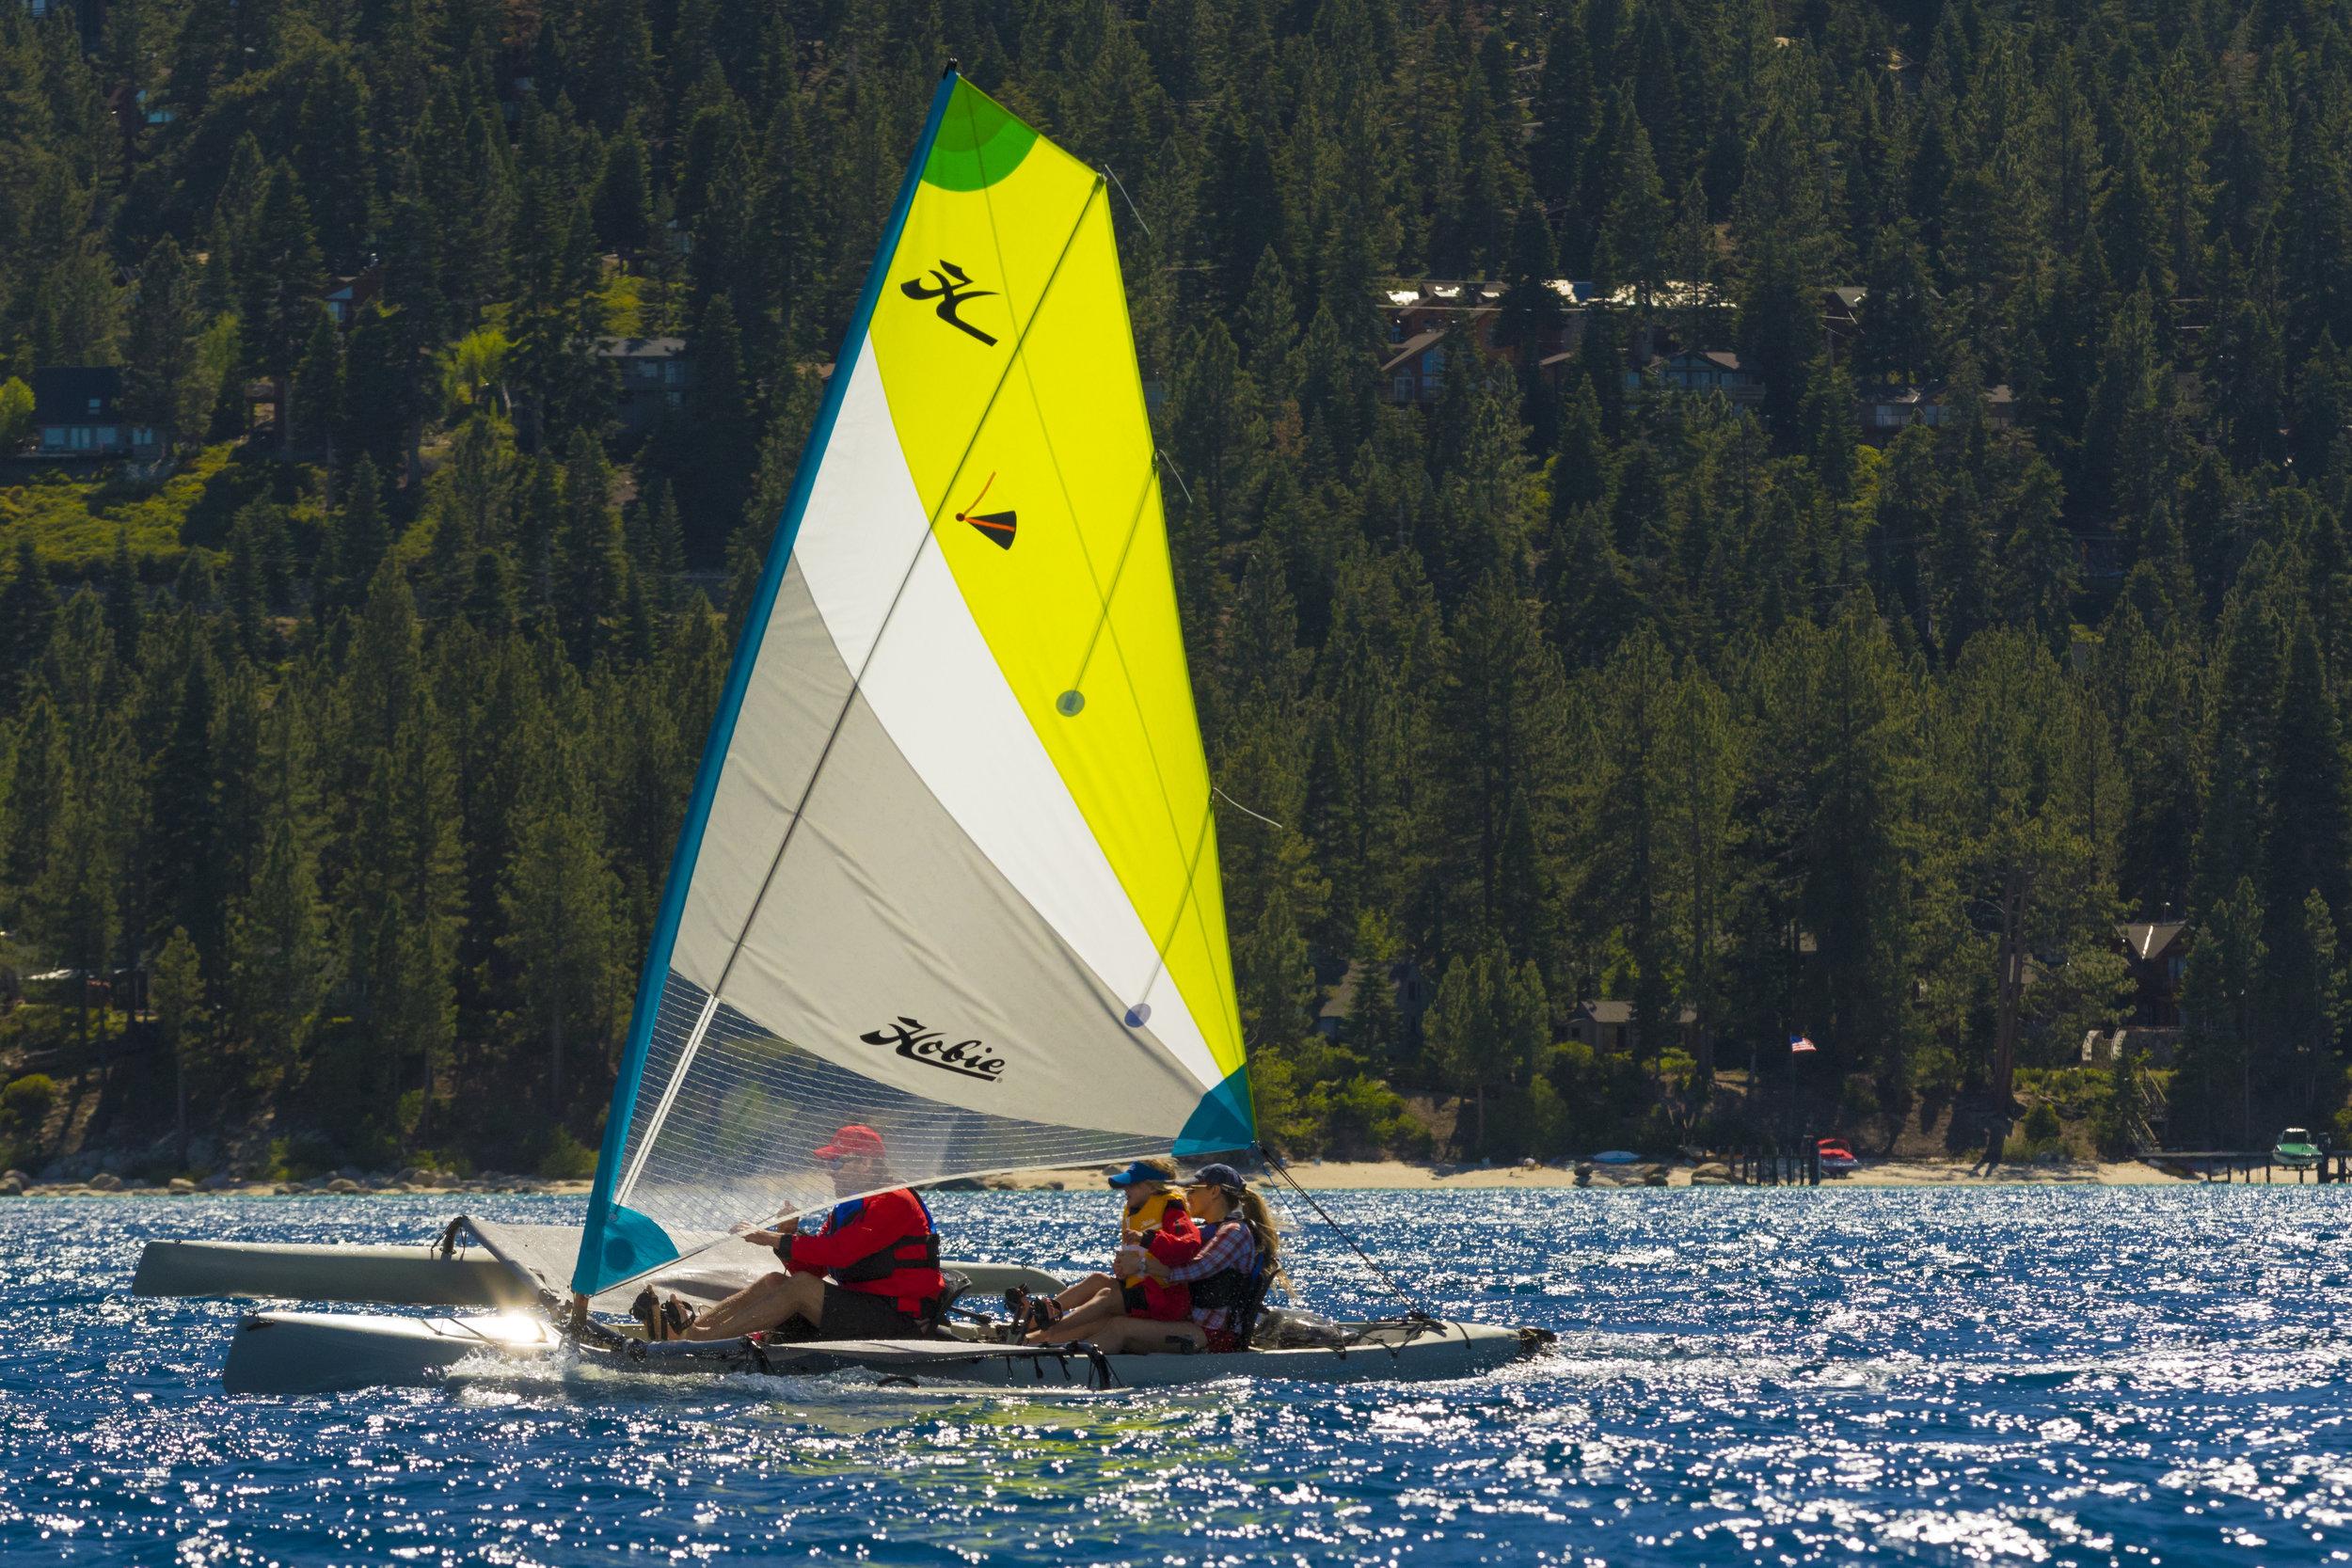 Tandem_Island_action_Tahoe_family_dune_sunburst_speed_2577_full.jpg